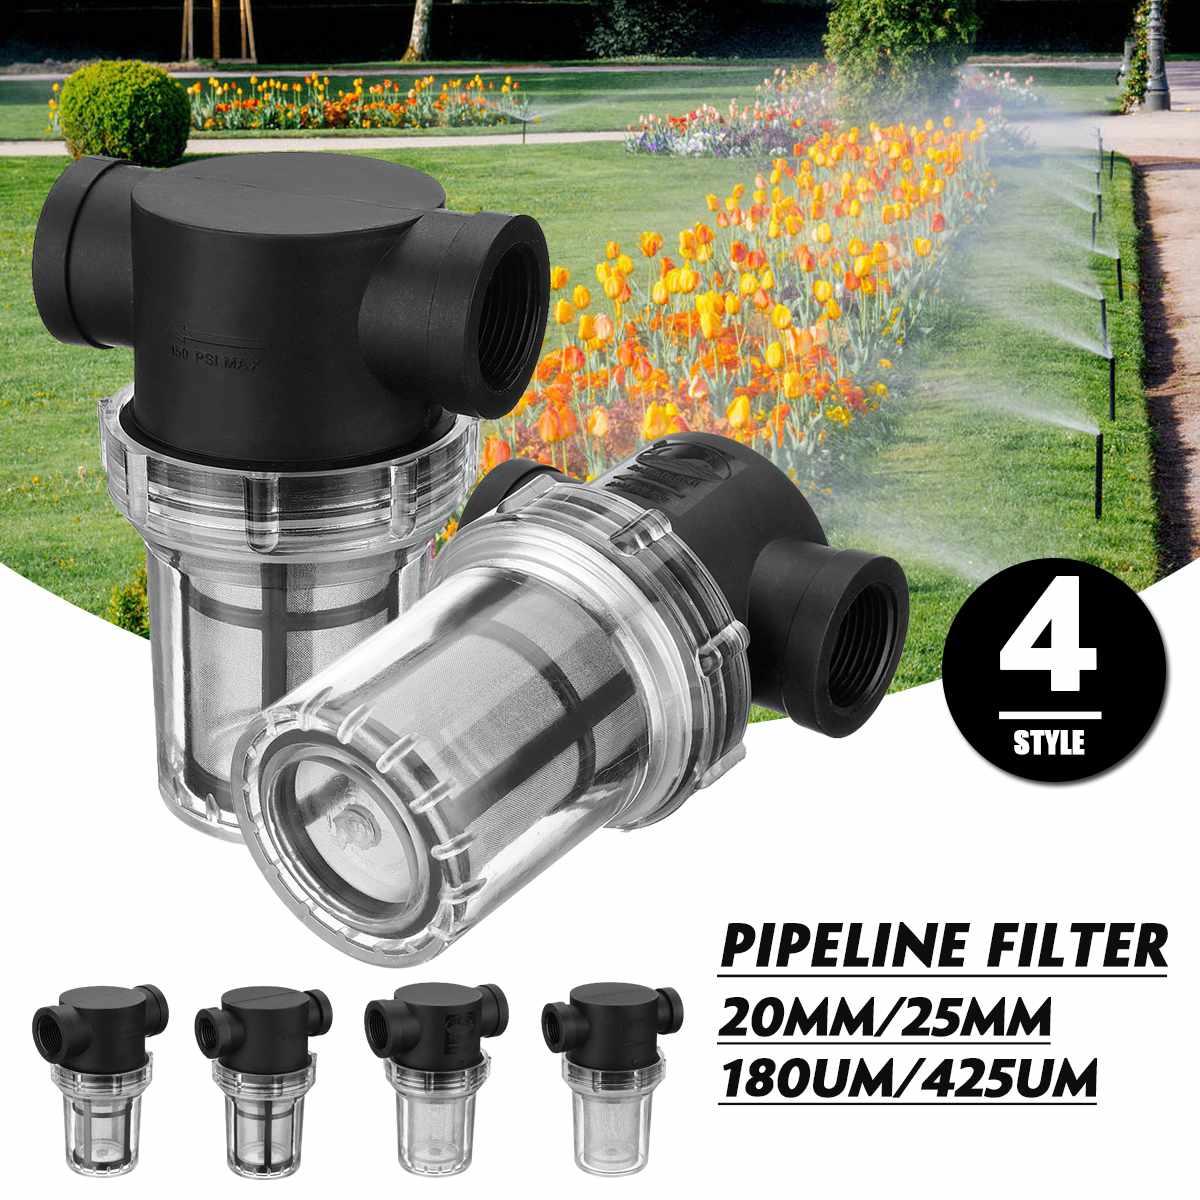 1Pcs Garden Pond 20mm/25mm Inline Mesh Strainer Water Pump Filter Irrigation High Flow Pipeline Filter1Pcs Garden Pond 20mm/25mm Inline Mesh Strainer Water Pump Filter Irrigation High Flow Pipeline Filter